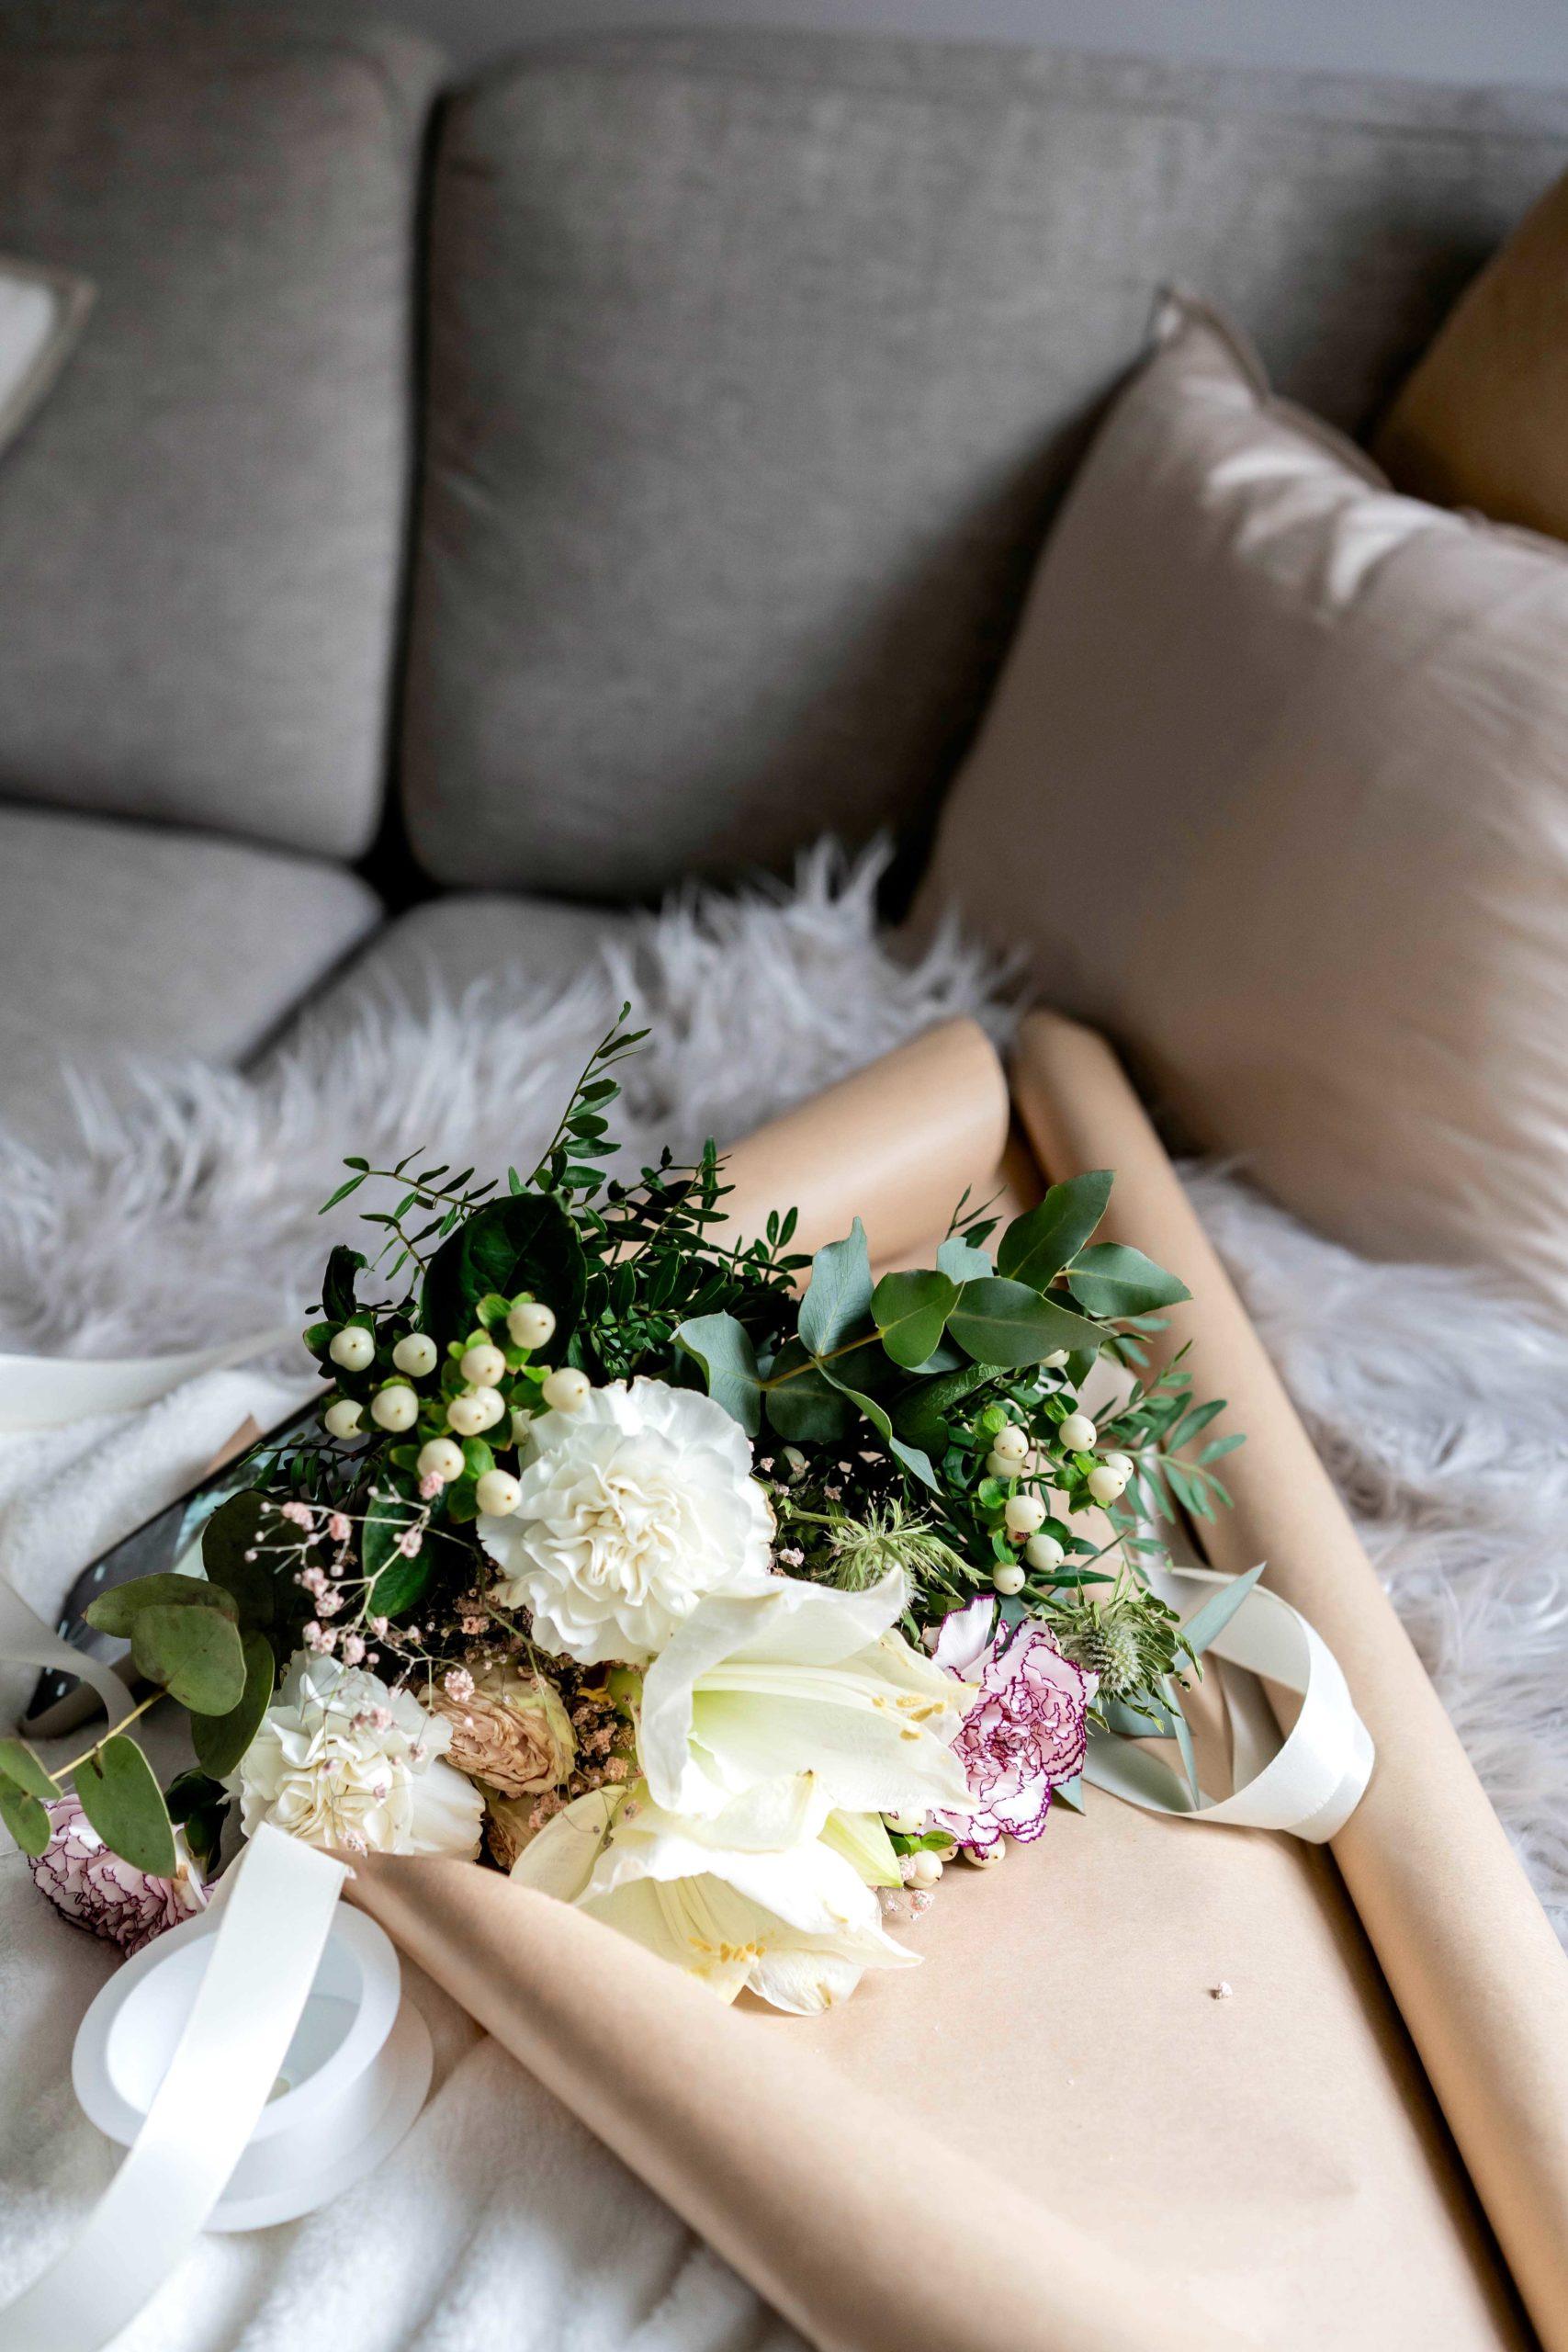 Blumen verschenken, Blumen2000.de Sträuße als geschenkidee